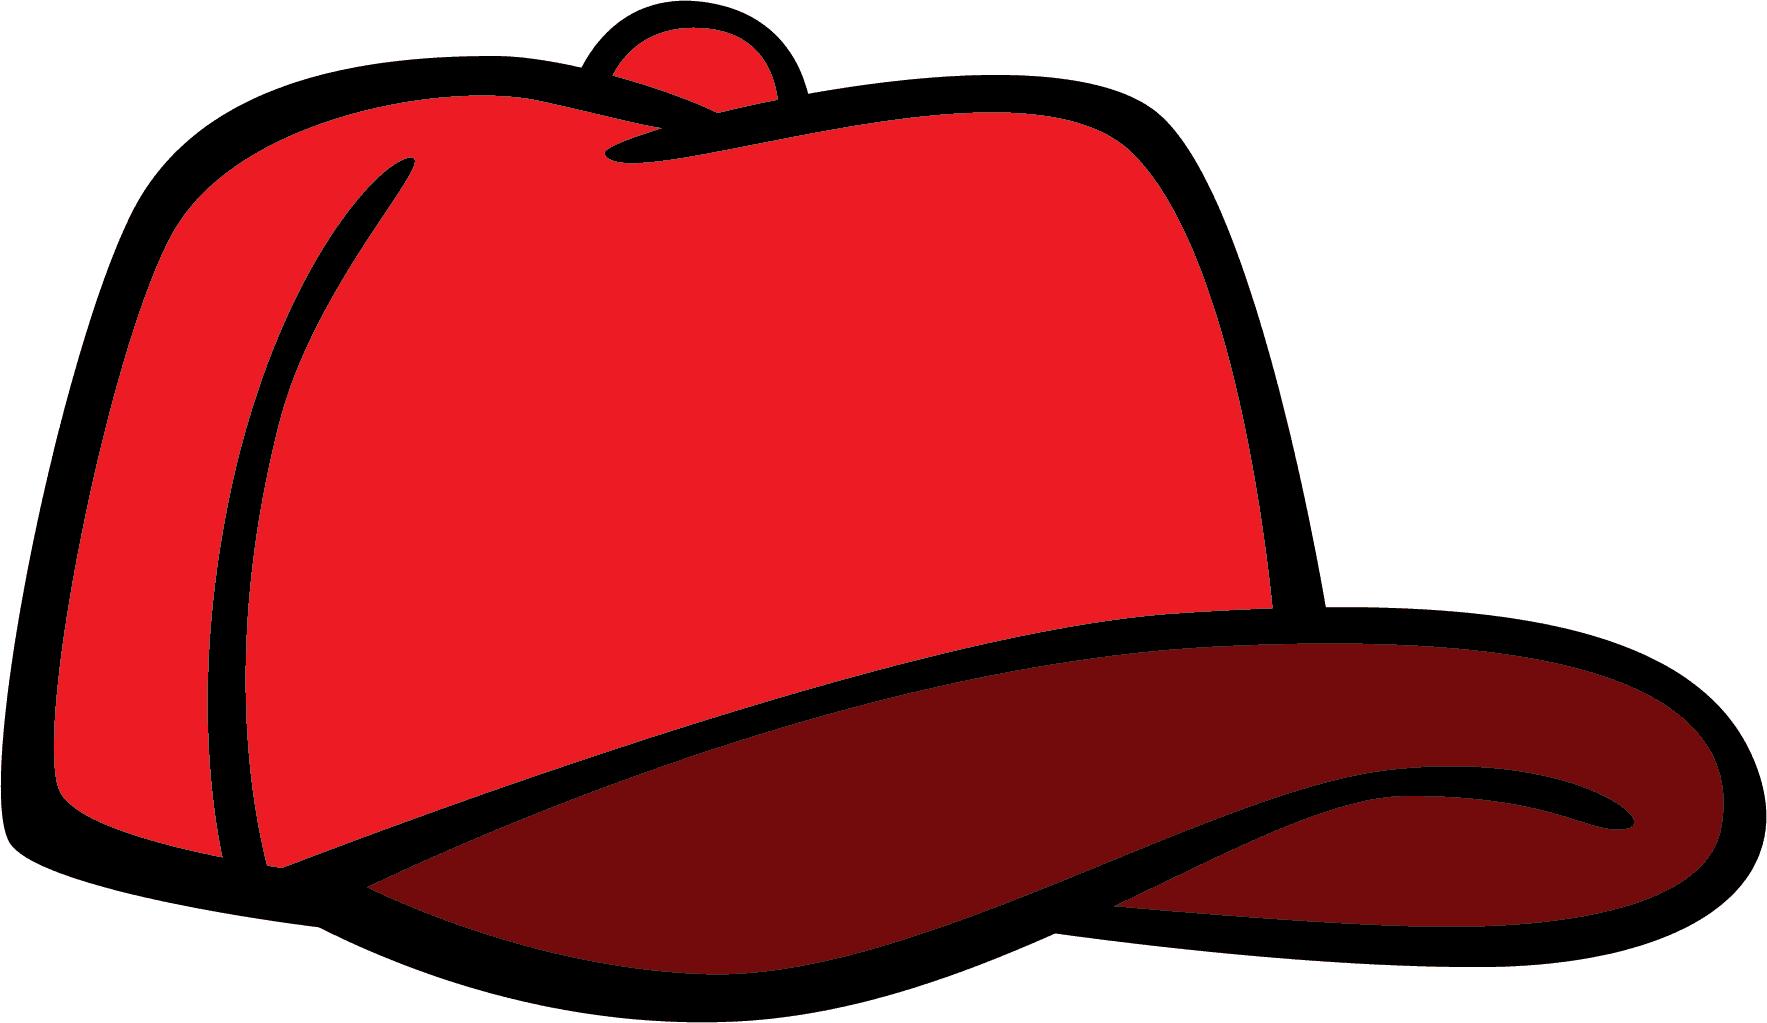 Hat clip art free clipart images